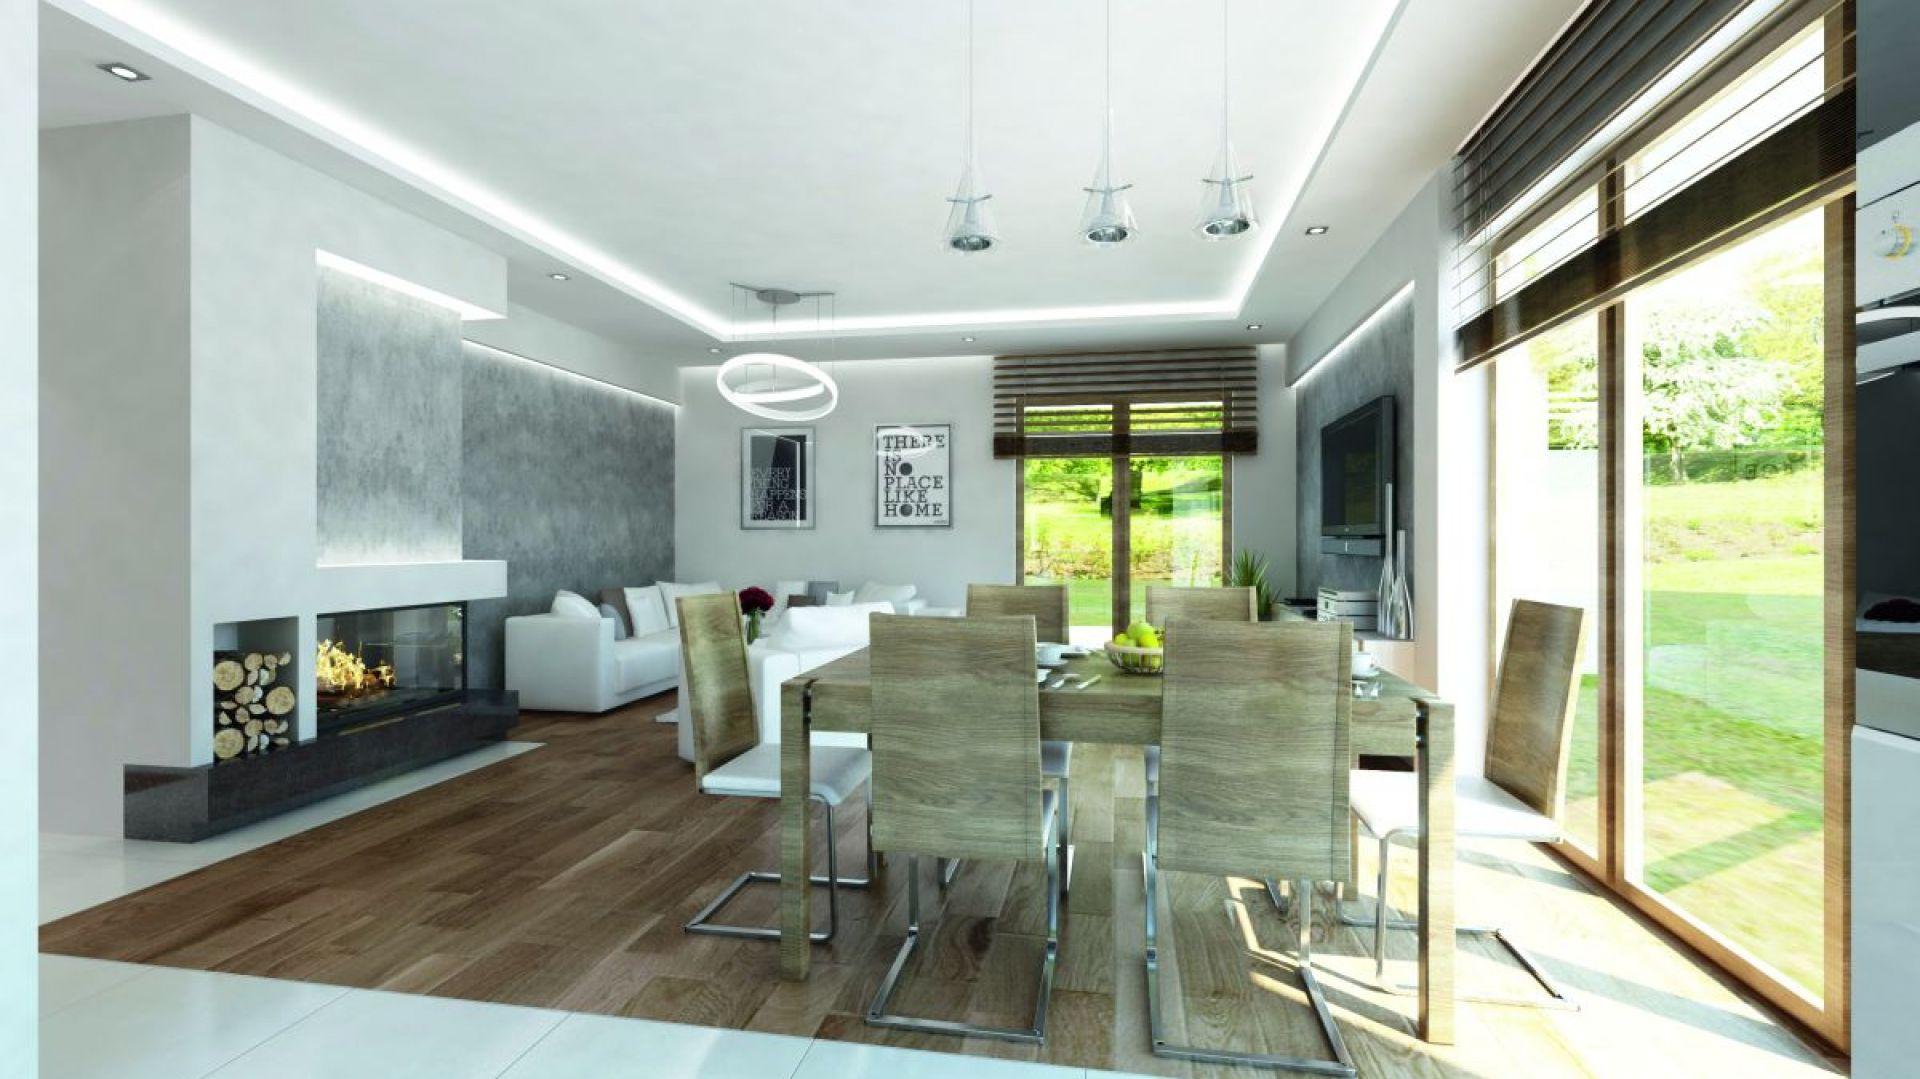 Bardzo interesująco zaprojektowano podłogę. Drewnianą posadzkę położoną centralnie w pomieszczeniu okala podłoga z białych, wielkoformatowych płytek. Fot. Biuro Projektów MTM Styl